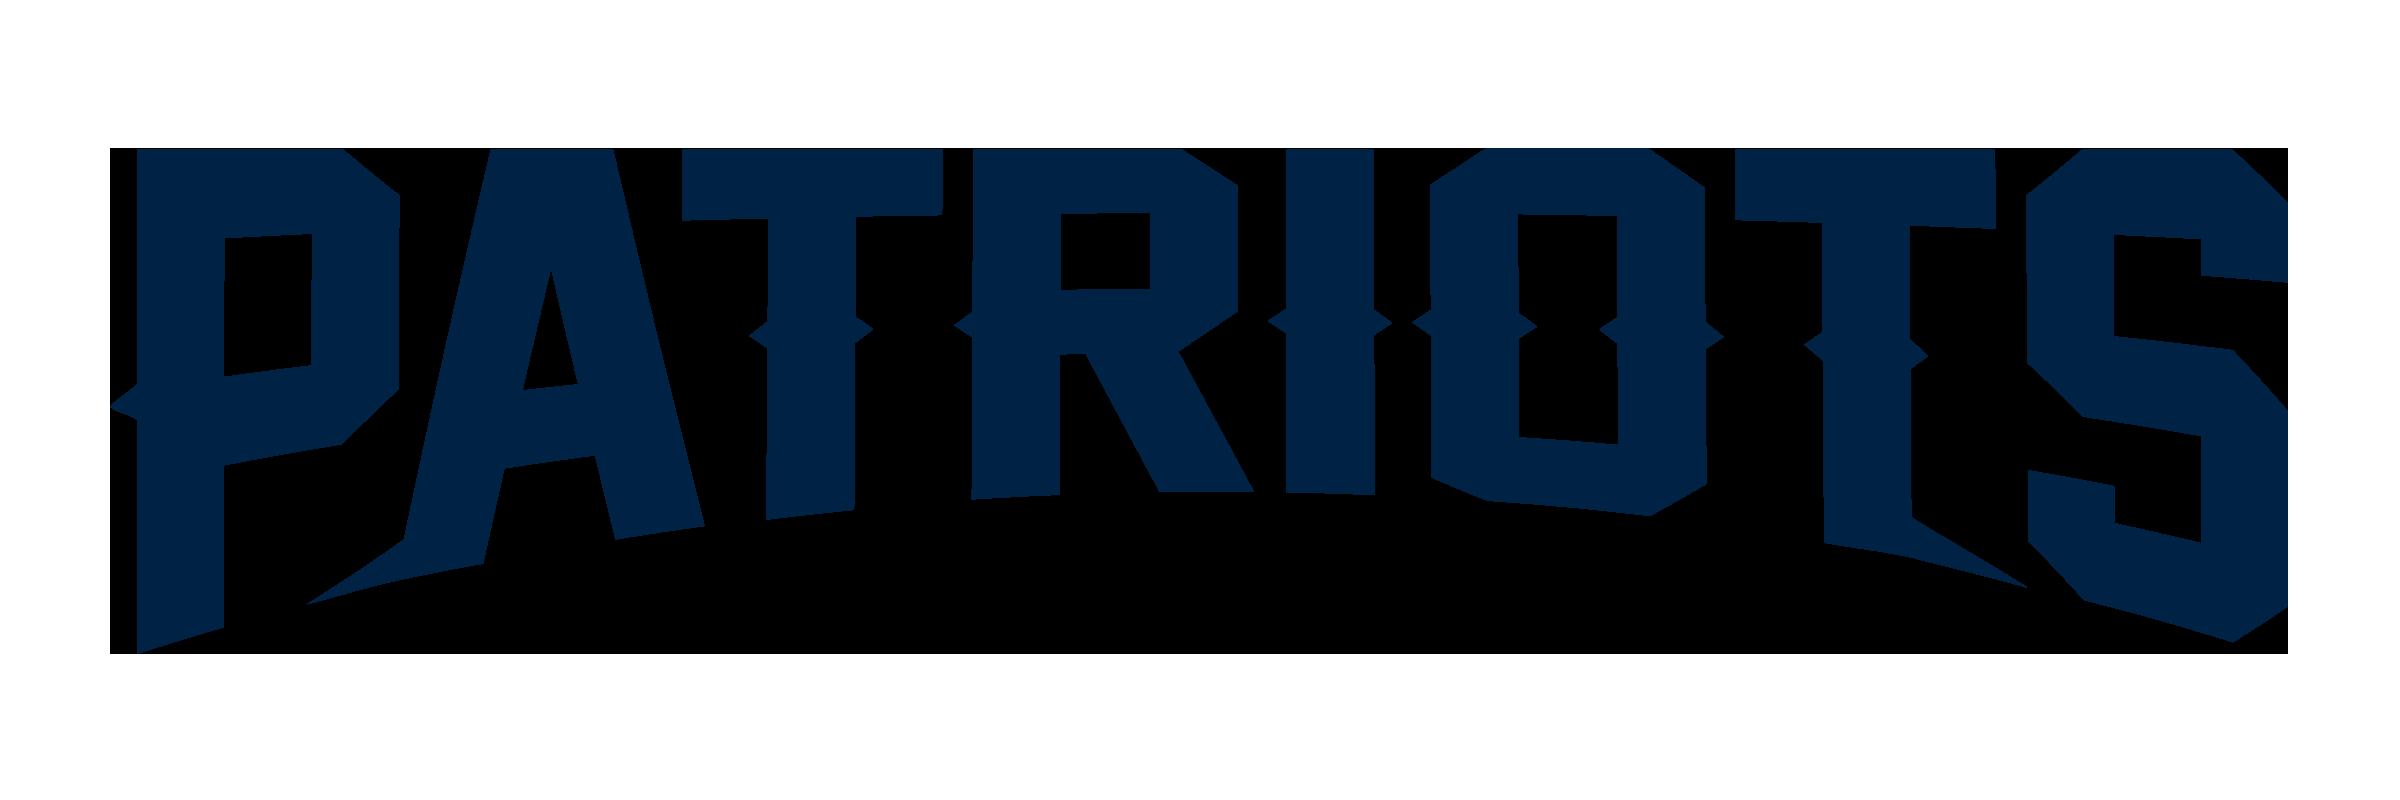 New England Patriots Logo Png Transparent Svg Vector Freebie Supply Em 2020